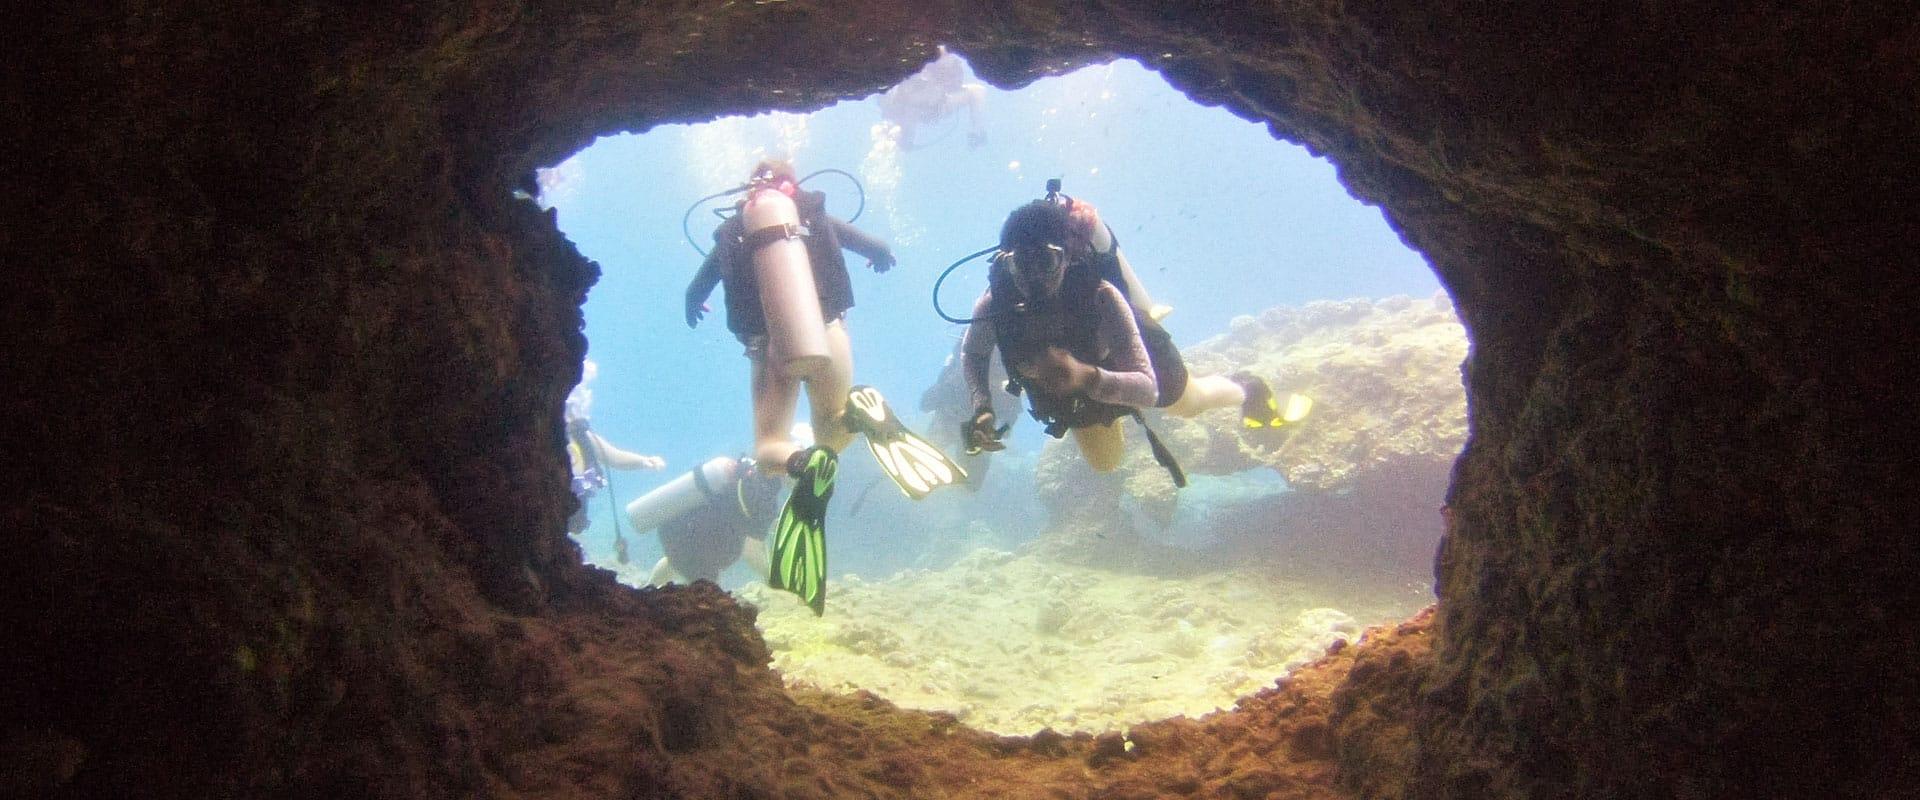 Scuba Dive at Oahu's Best Dive Spots